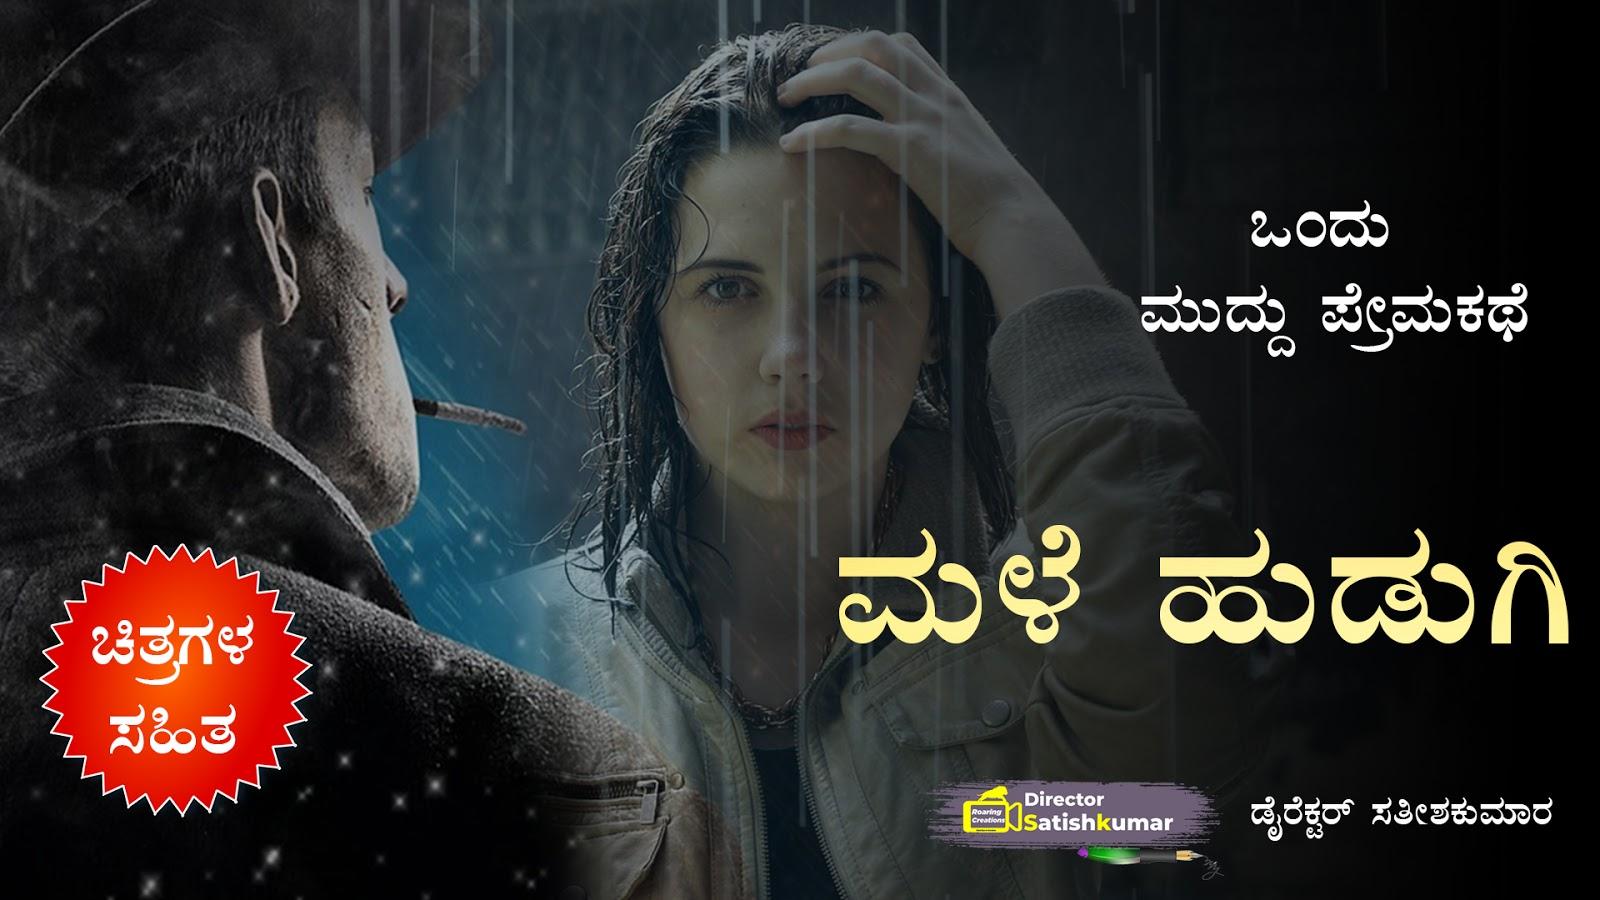 ಮಳೆ ಹುಡುಗಿ - ಒಂದು ಮುದ್ದು ಪ್ರೇಮಕಥೆ - One Cute Love Story in Kannada - ಕನ್ನಡ ಕಥೆ ಪುಸ್ತಕಗಳು - Kannada Story Books -  E Books Kannada - Kannada Books